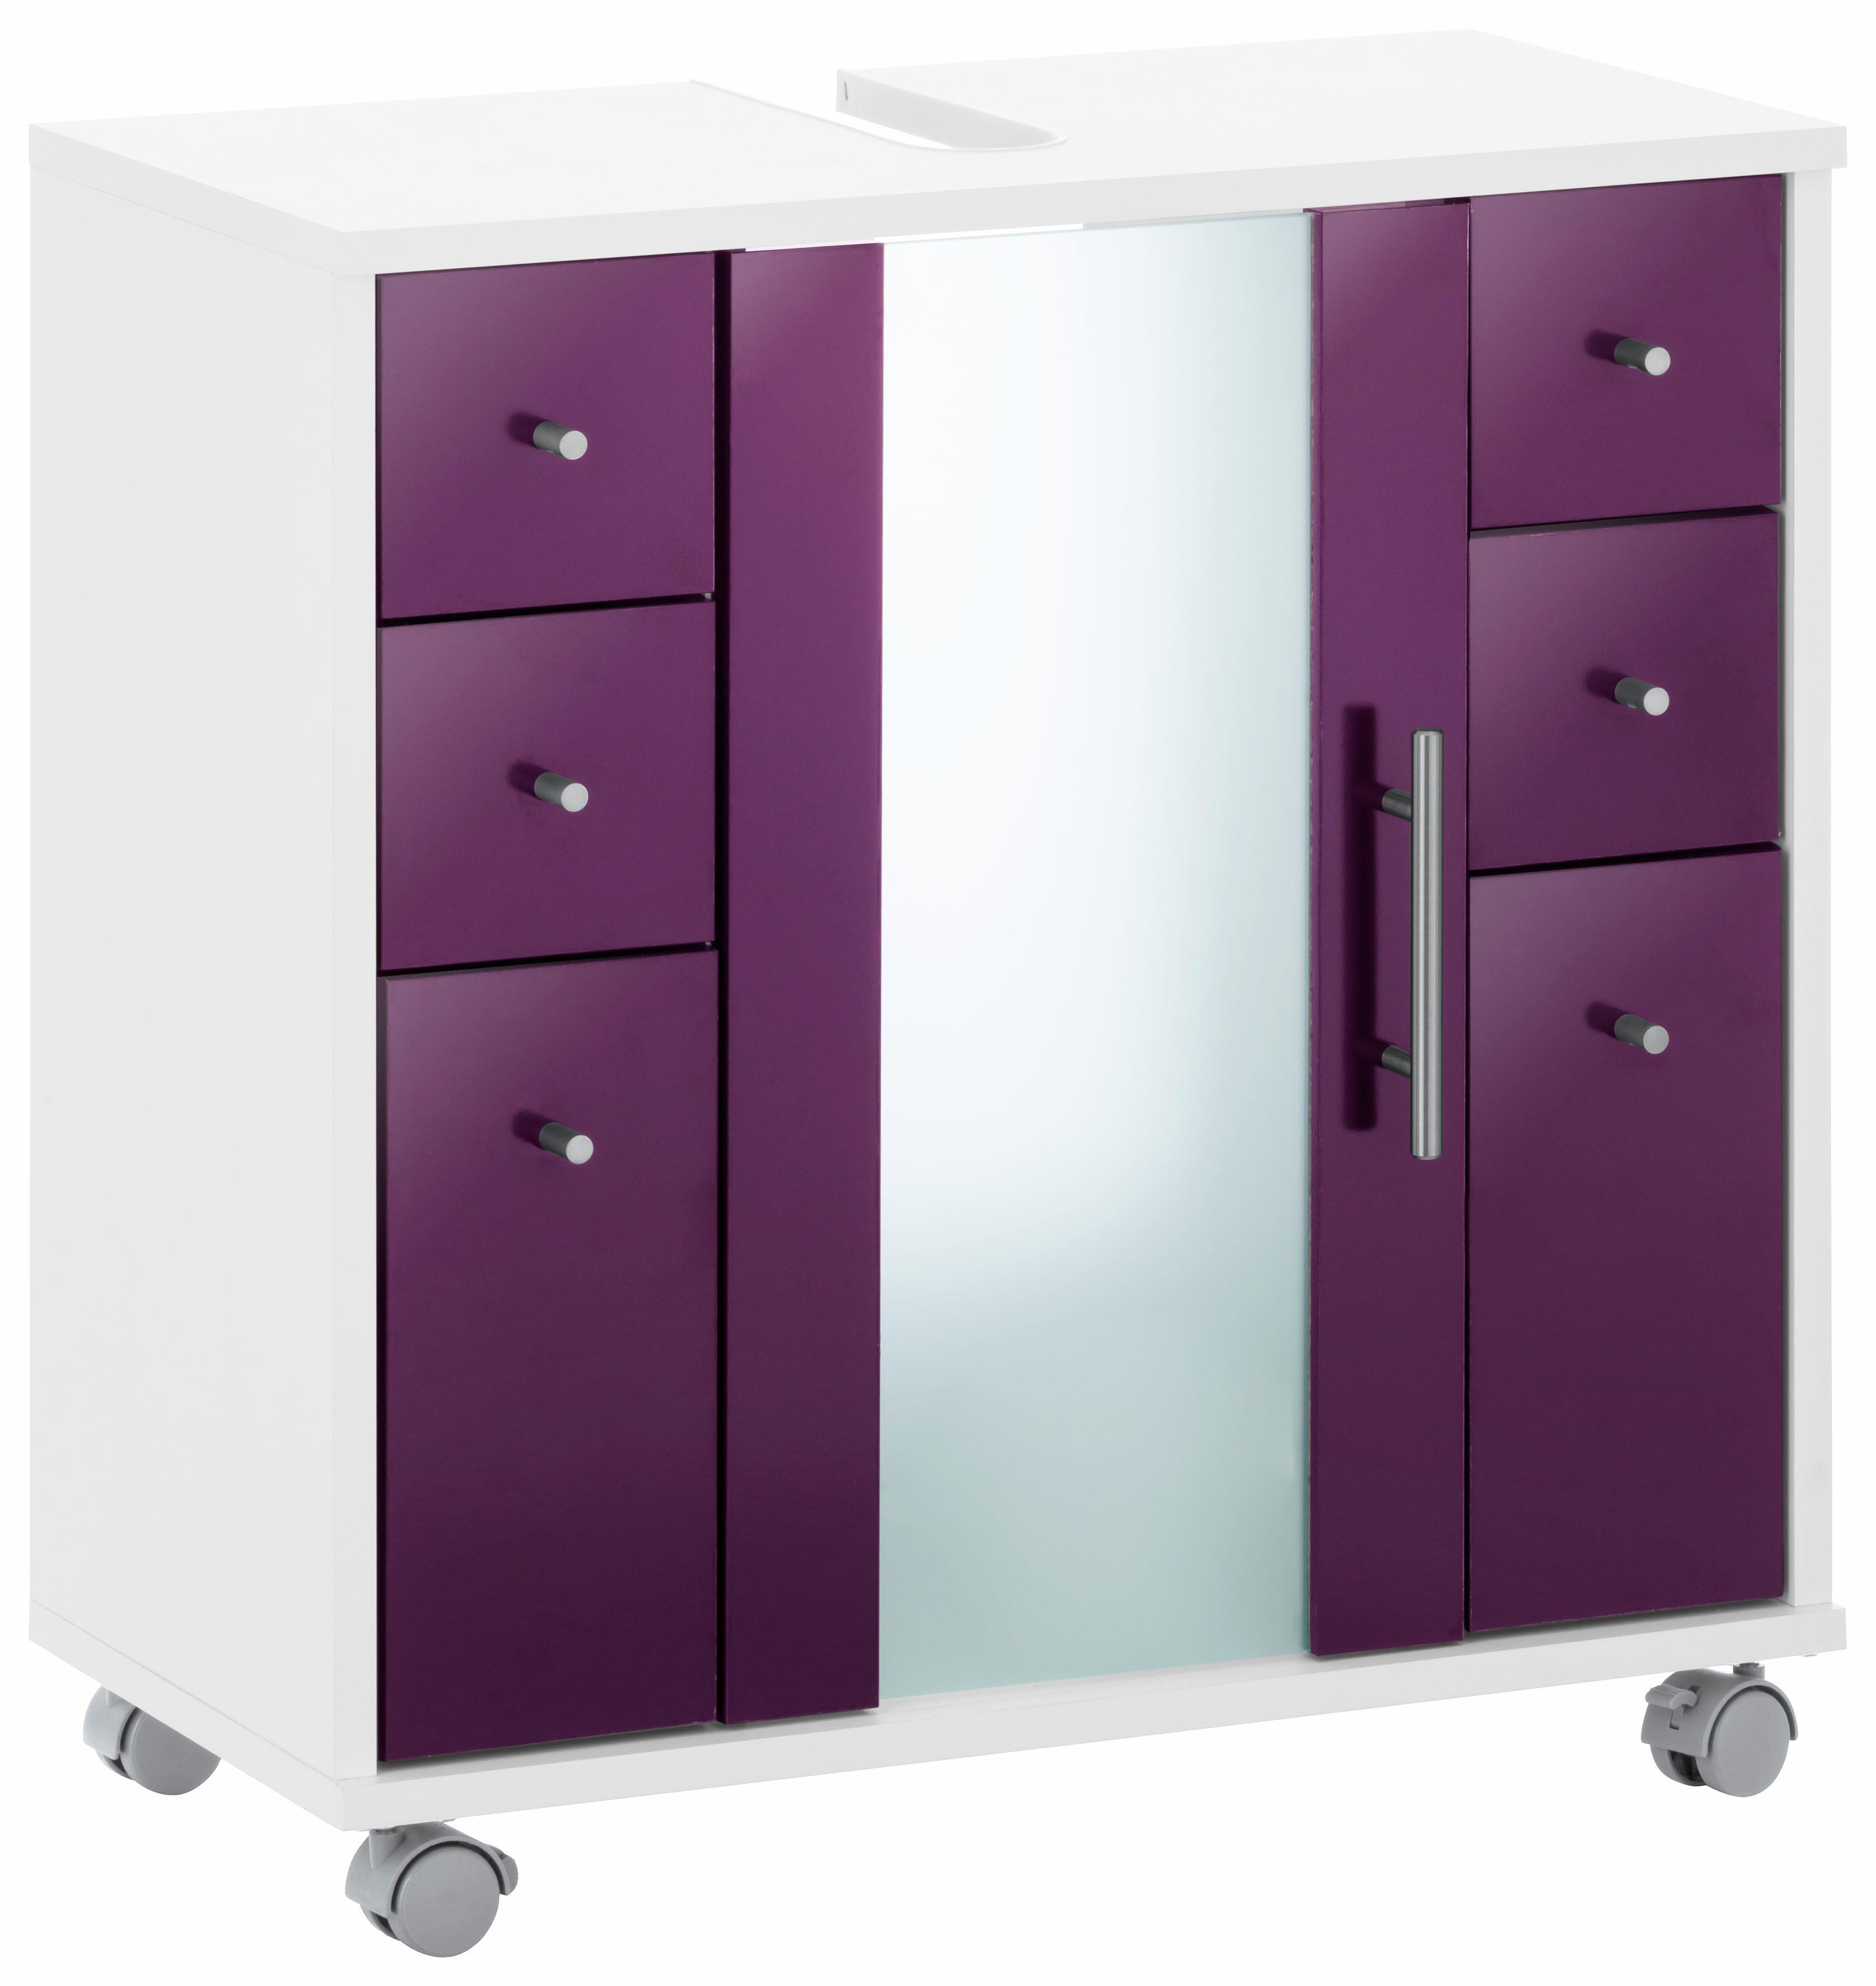 Lila Waschbeckenunterschränke online kaufen   Möbel-Suchmaschine ...